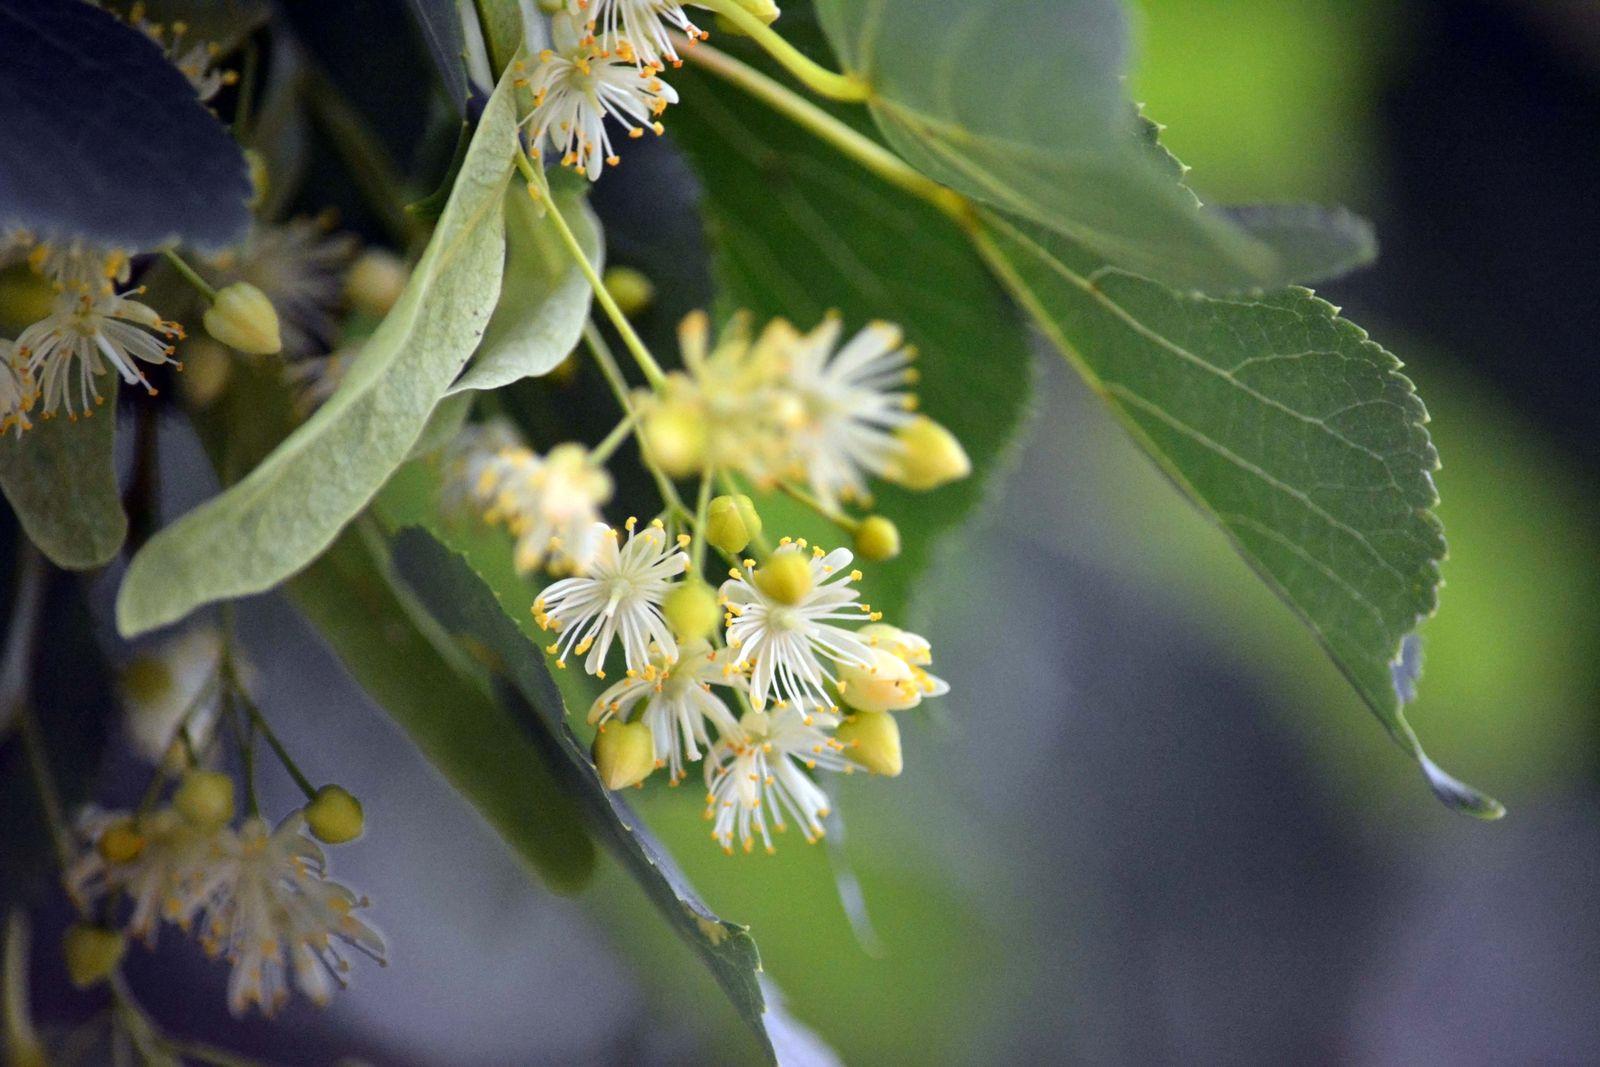 Липовые ветви с соцветиями для банного веникаЛиповые веники намного полезнее, если они с соцветиями. Период заготовки таких веников маленький 10-14 дней.